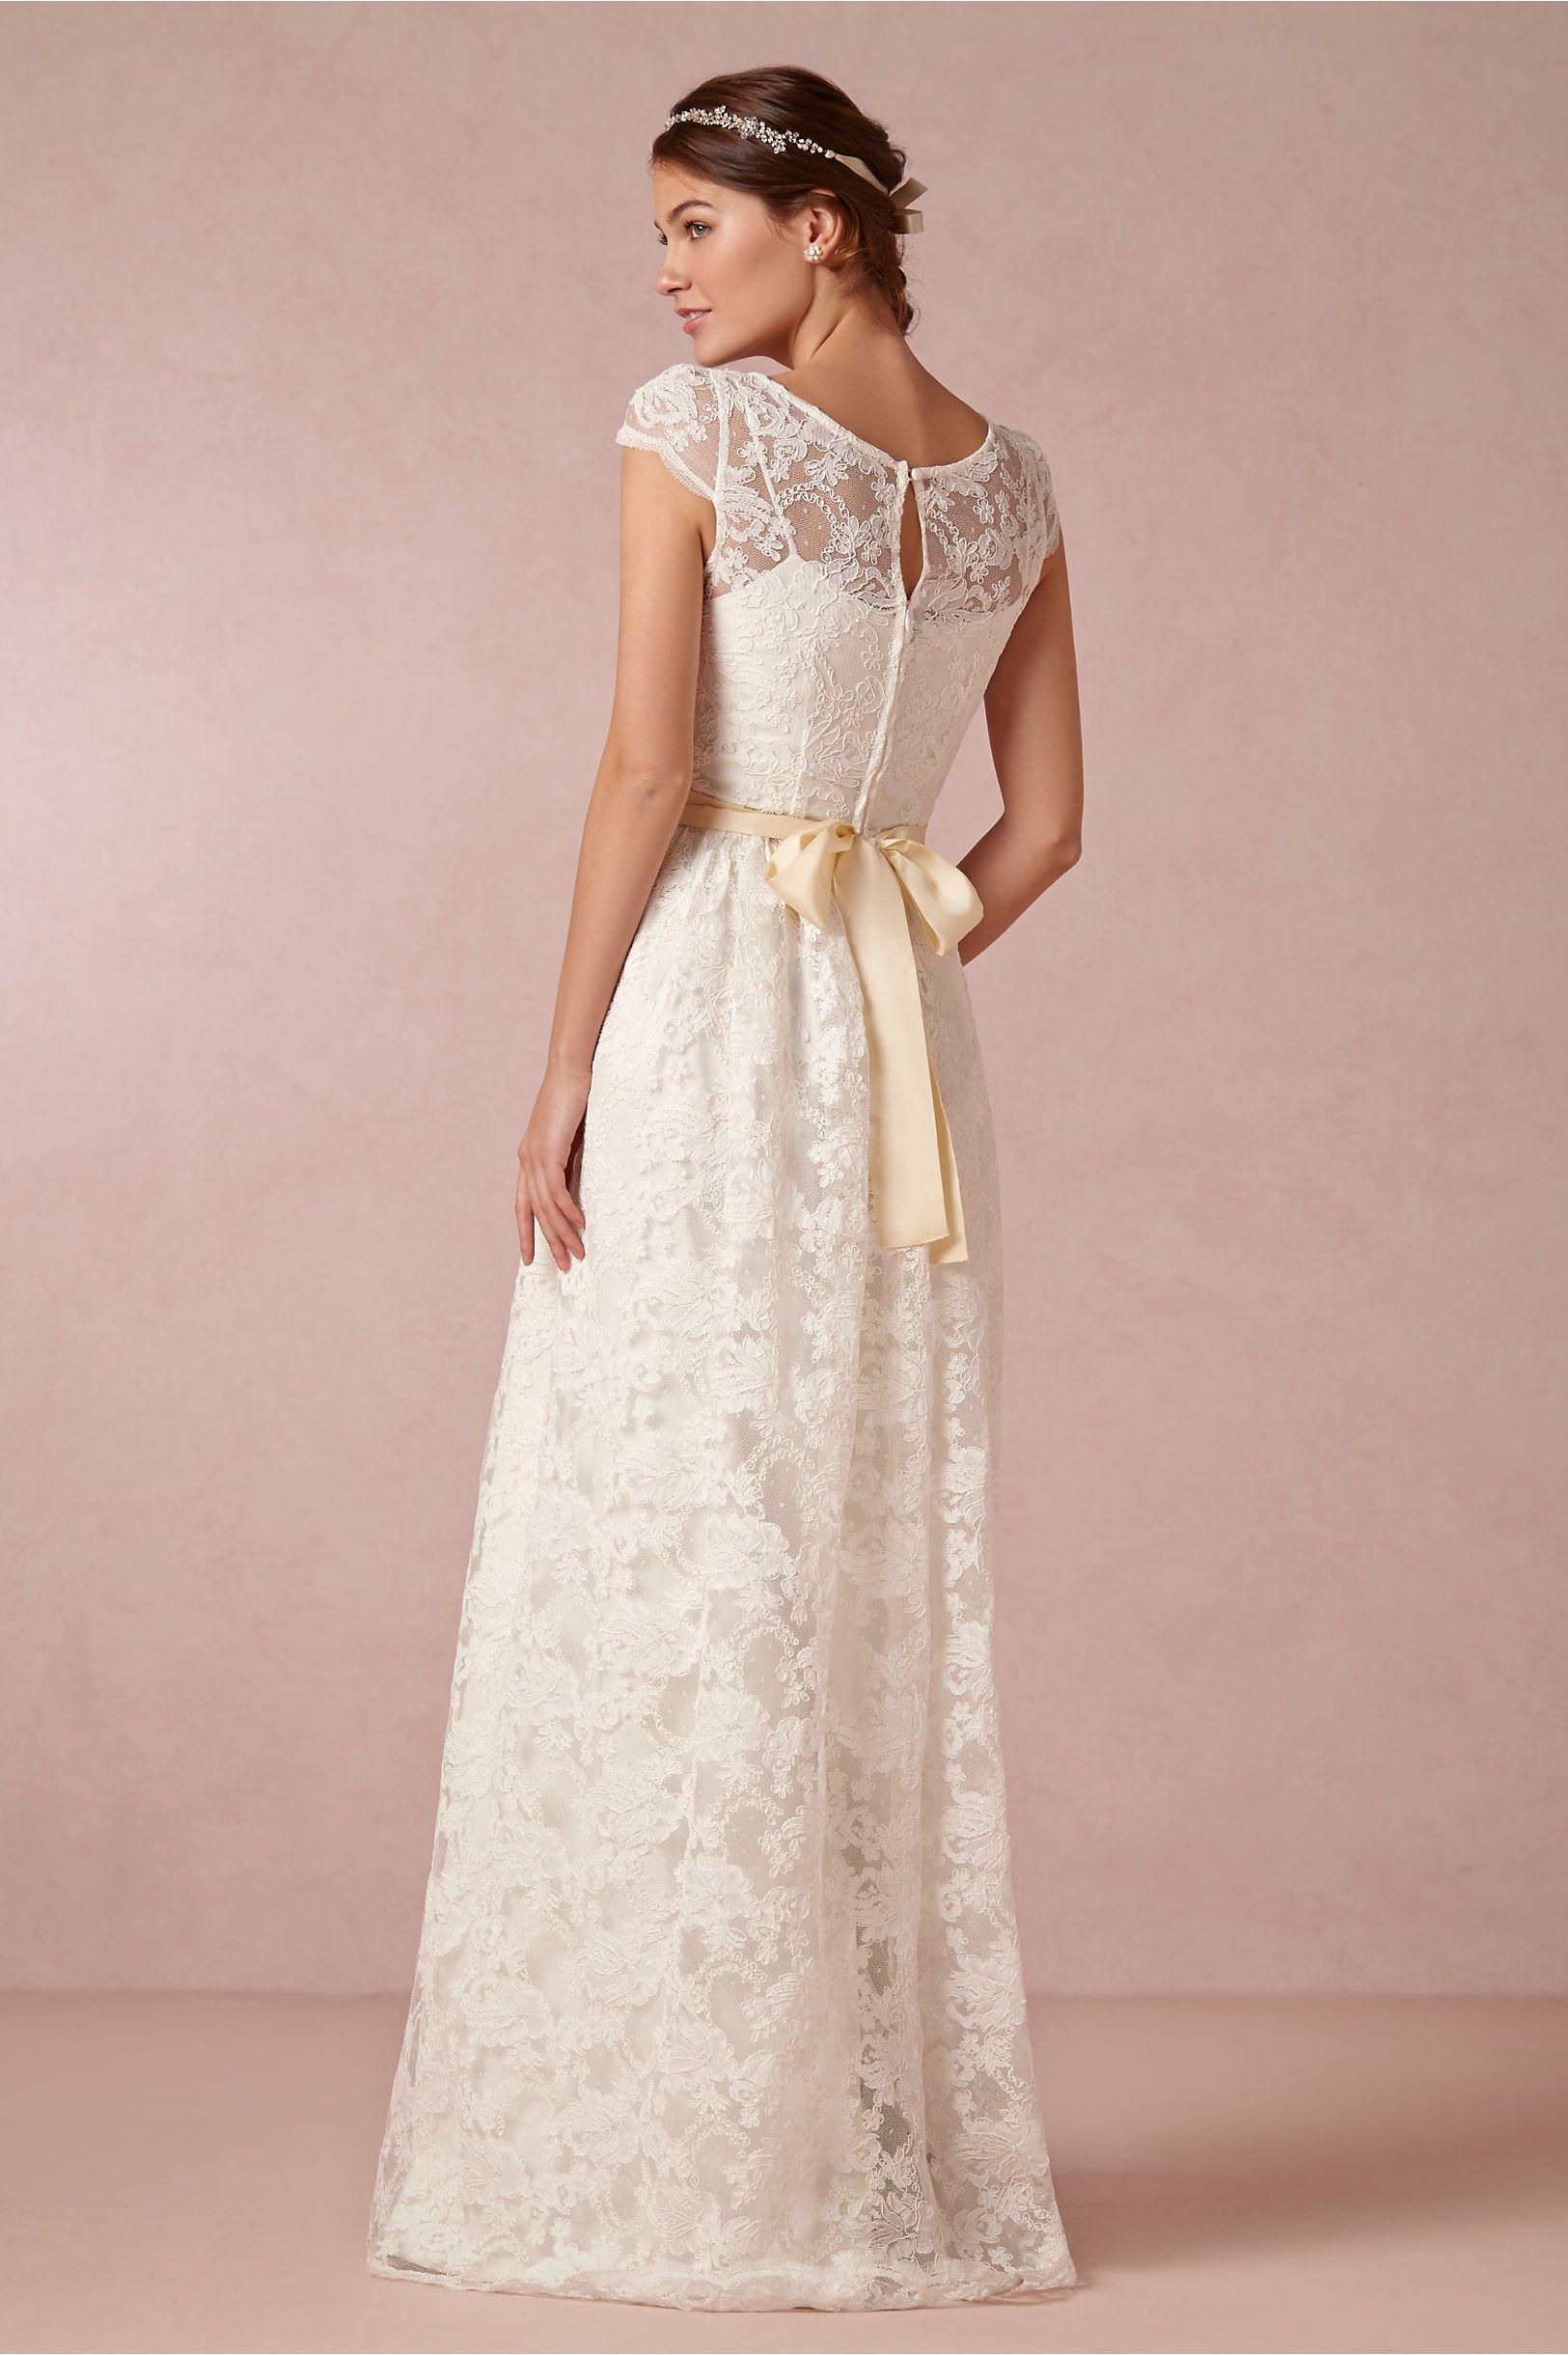 Ellie Gown in Bride Wedding Dresses at BHLDN | Vestidos | Pinterest ...